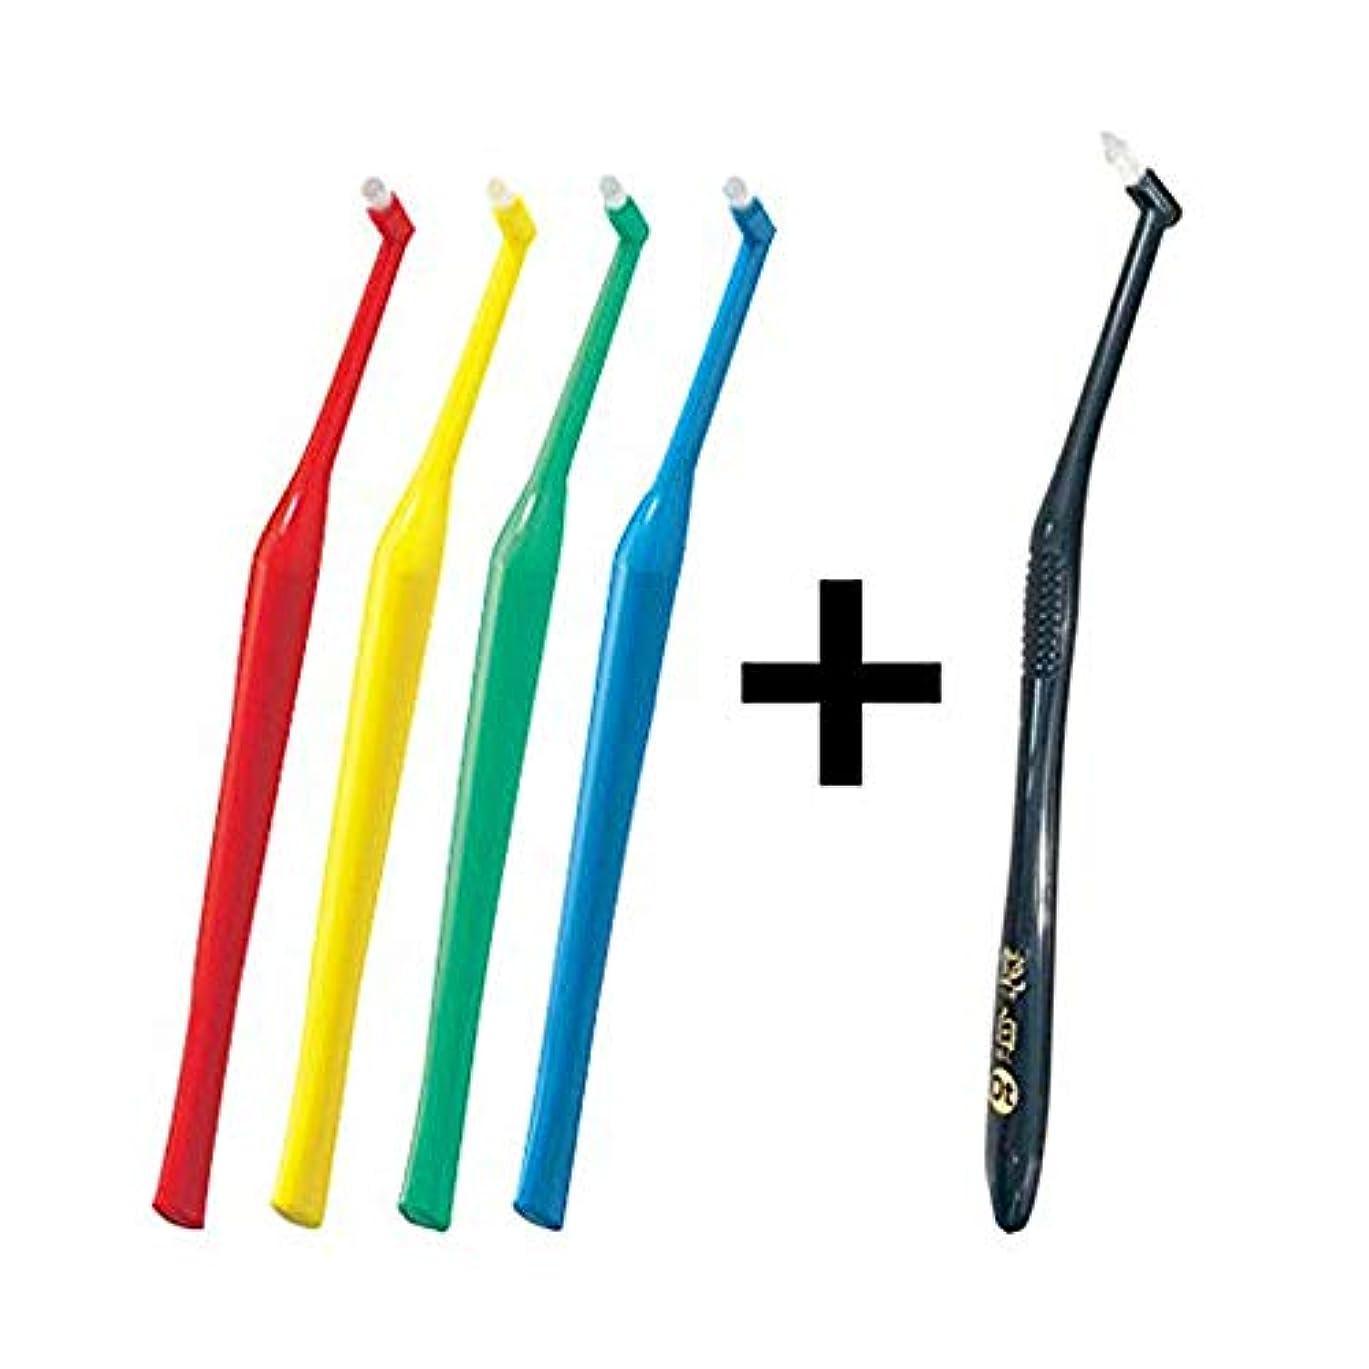 順応性離す叙情的なプラウト Plaut × 4本 アソート (M(ミディアム))+艶白 ワンタフト 歯ブラシ 1本 MS(やややわらかめ) オーラルケア ポイントブラシ 歯科専売品